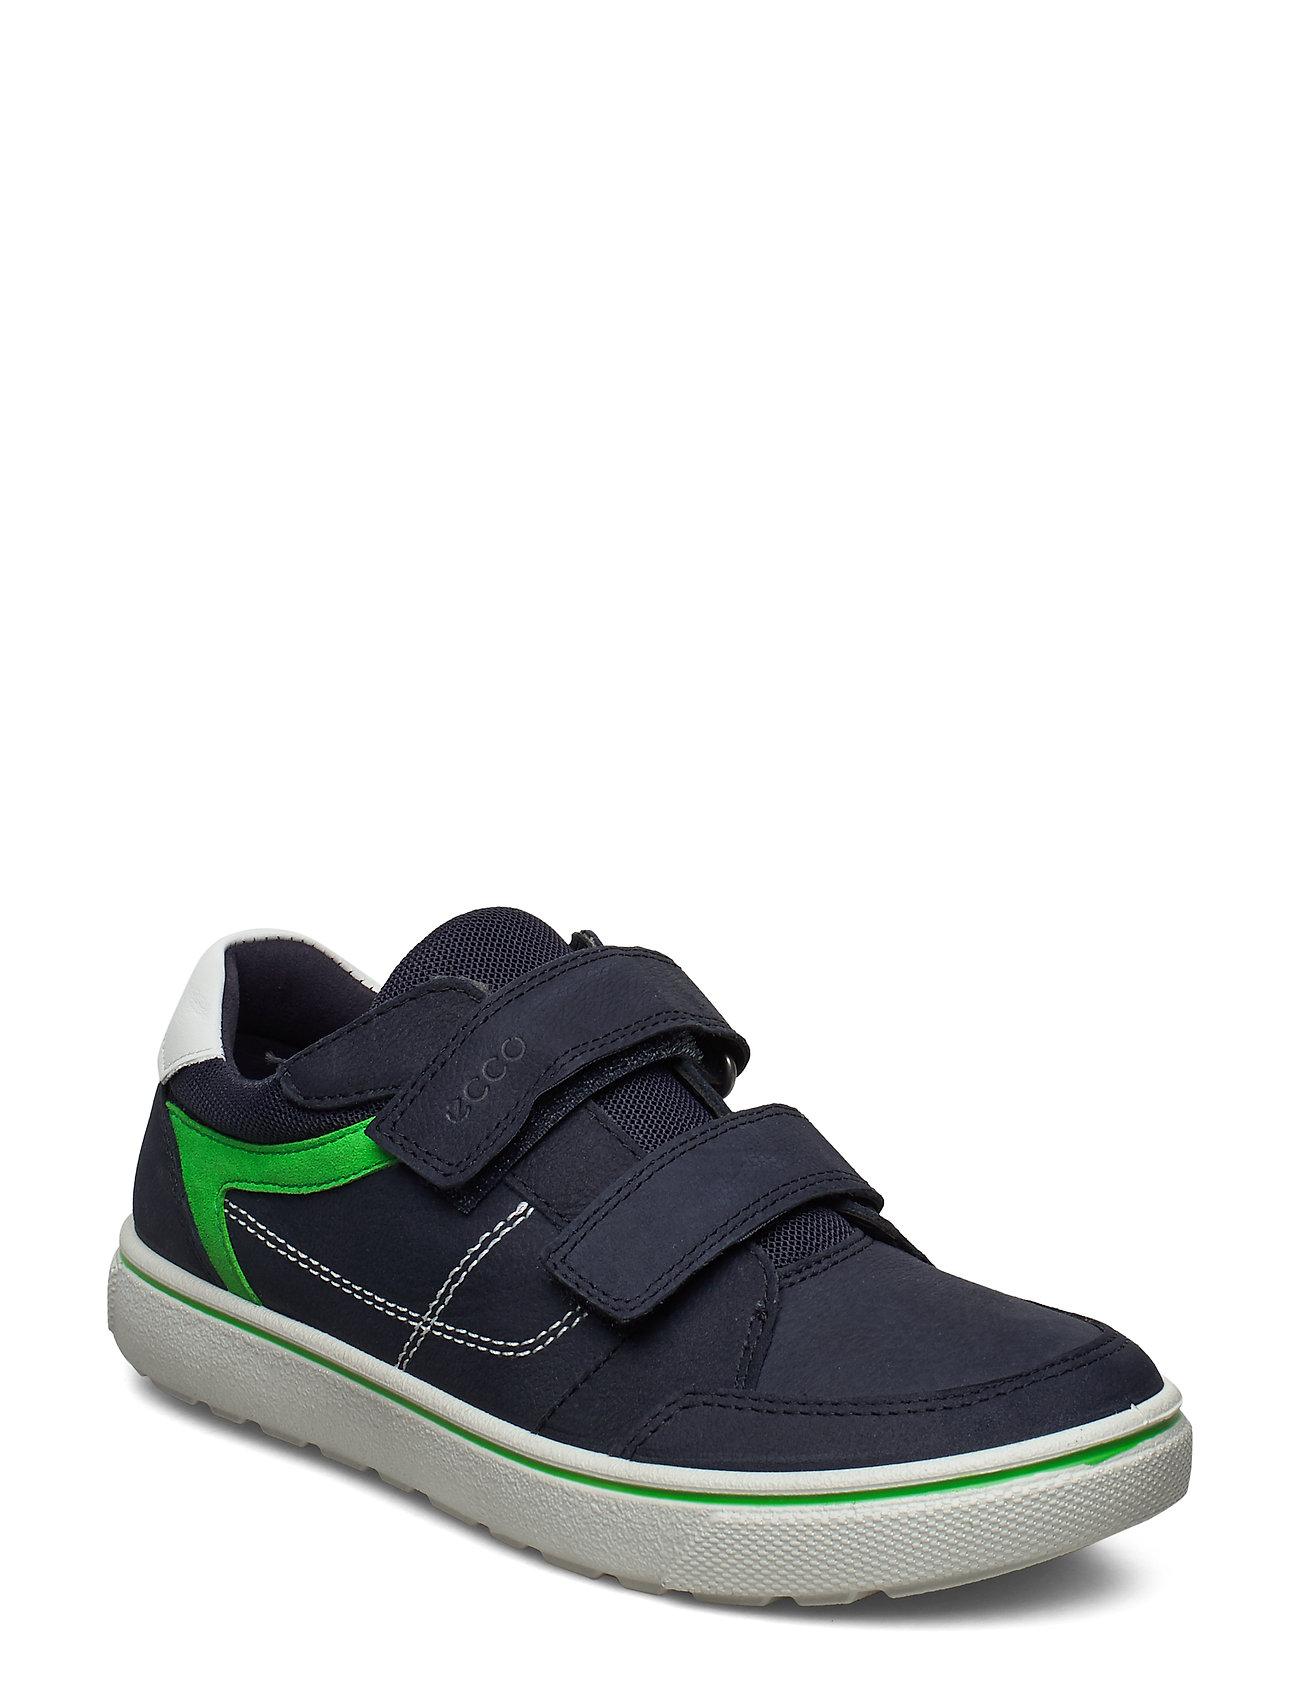 Image of Glyder Sneakers Sko Blå ECCO (3350043145)